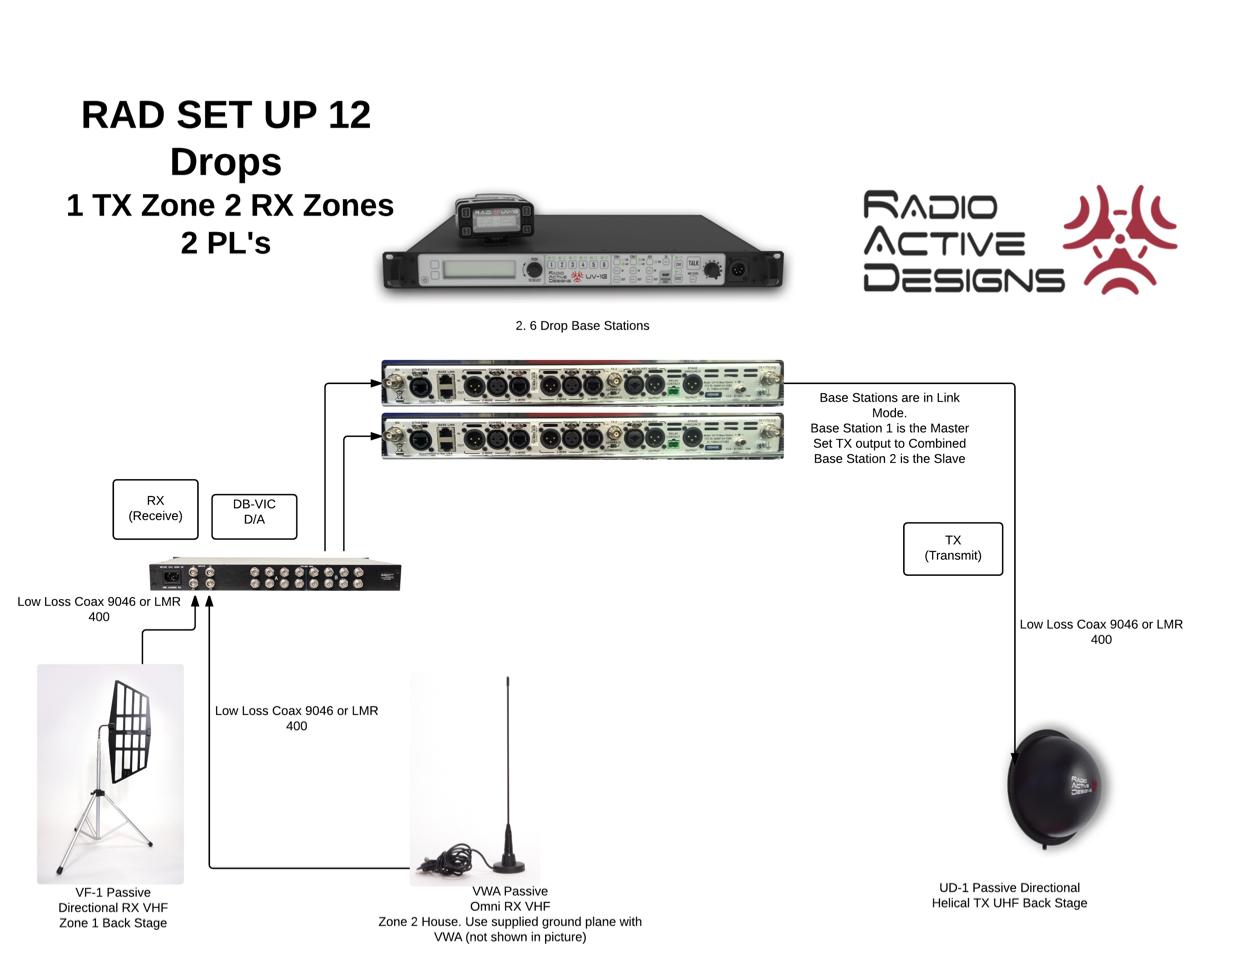 RAD Set Up 12 Drops